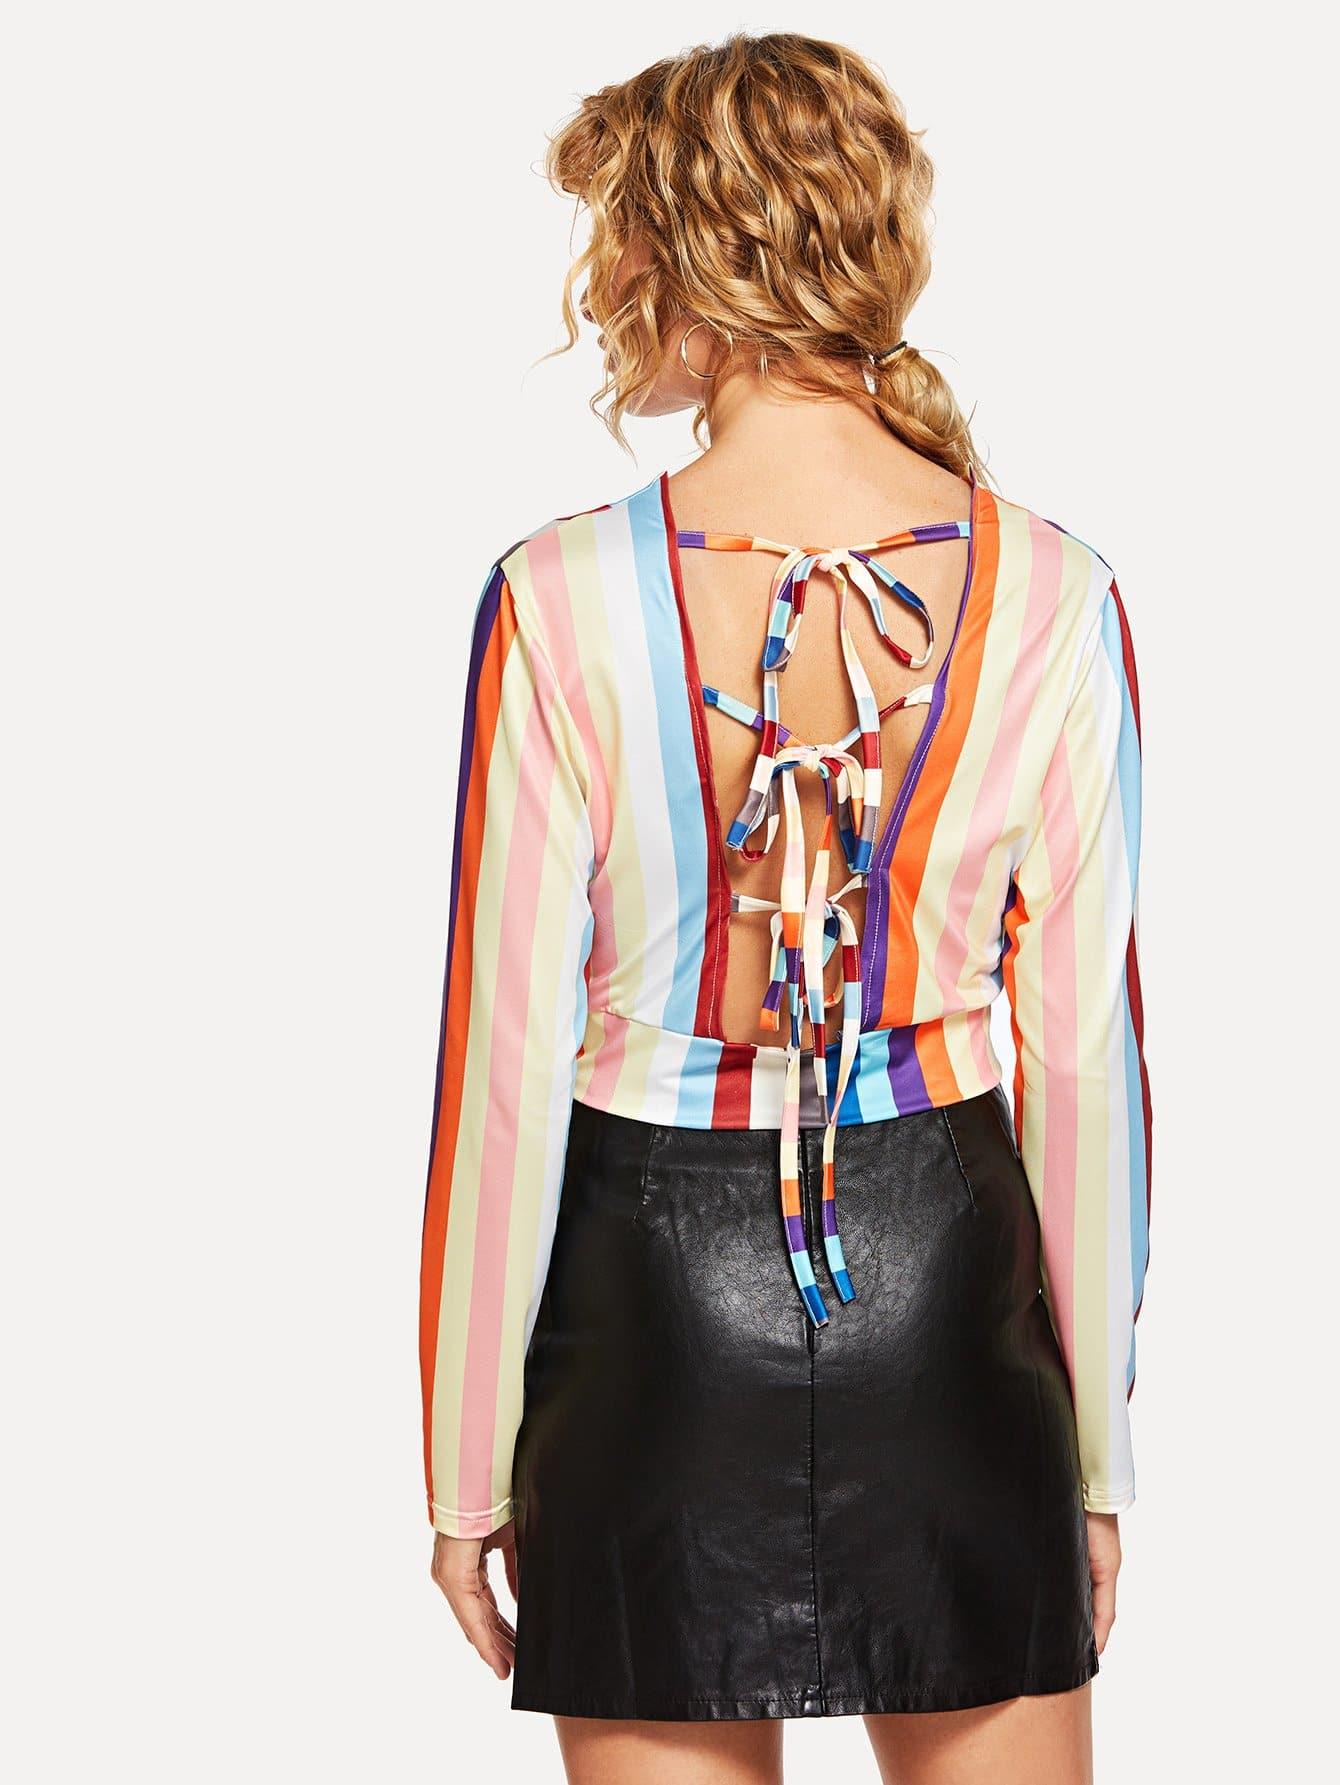 Купить Полосатая рубашка и с низким V воротником и с украшением банта сзади одежды, Masha, SheIn